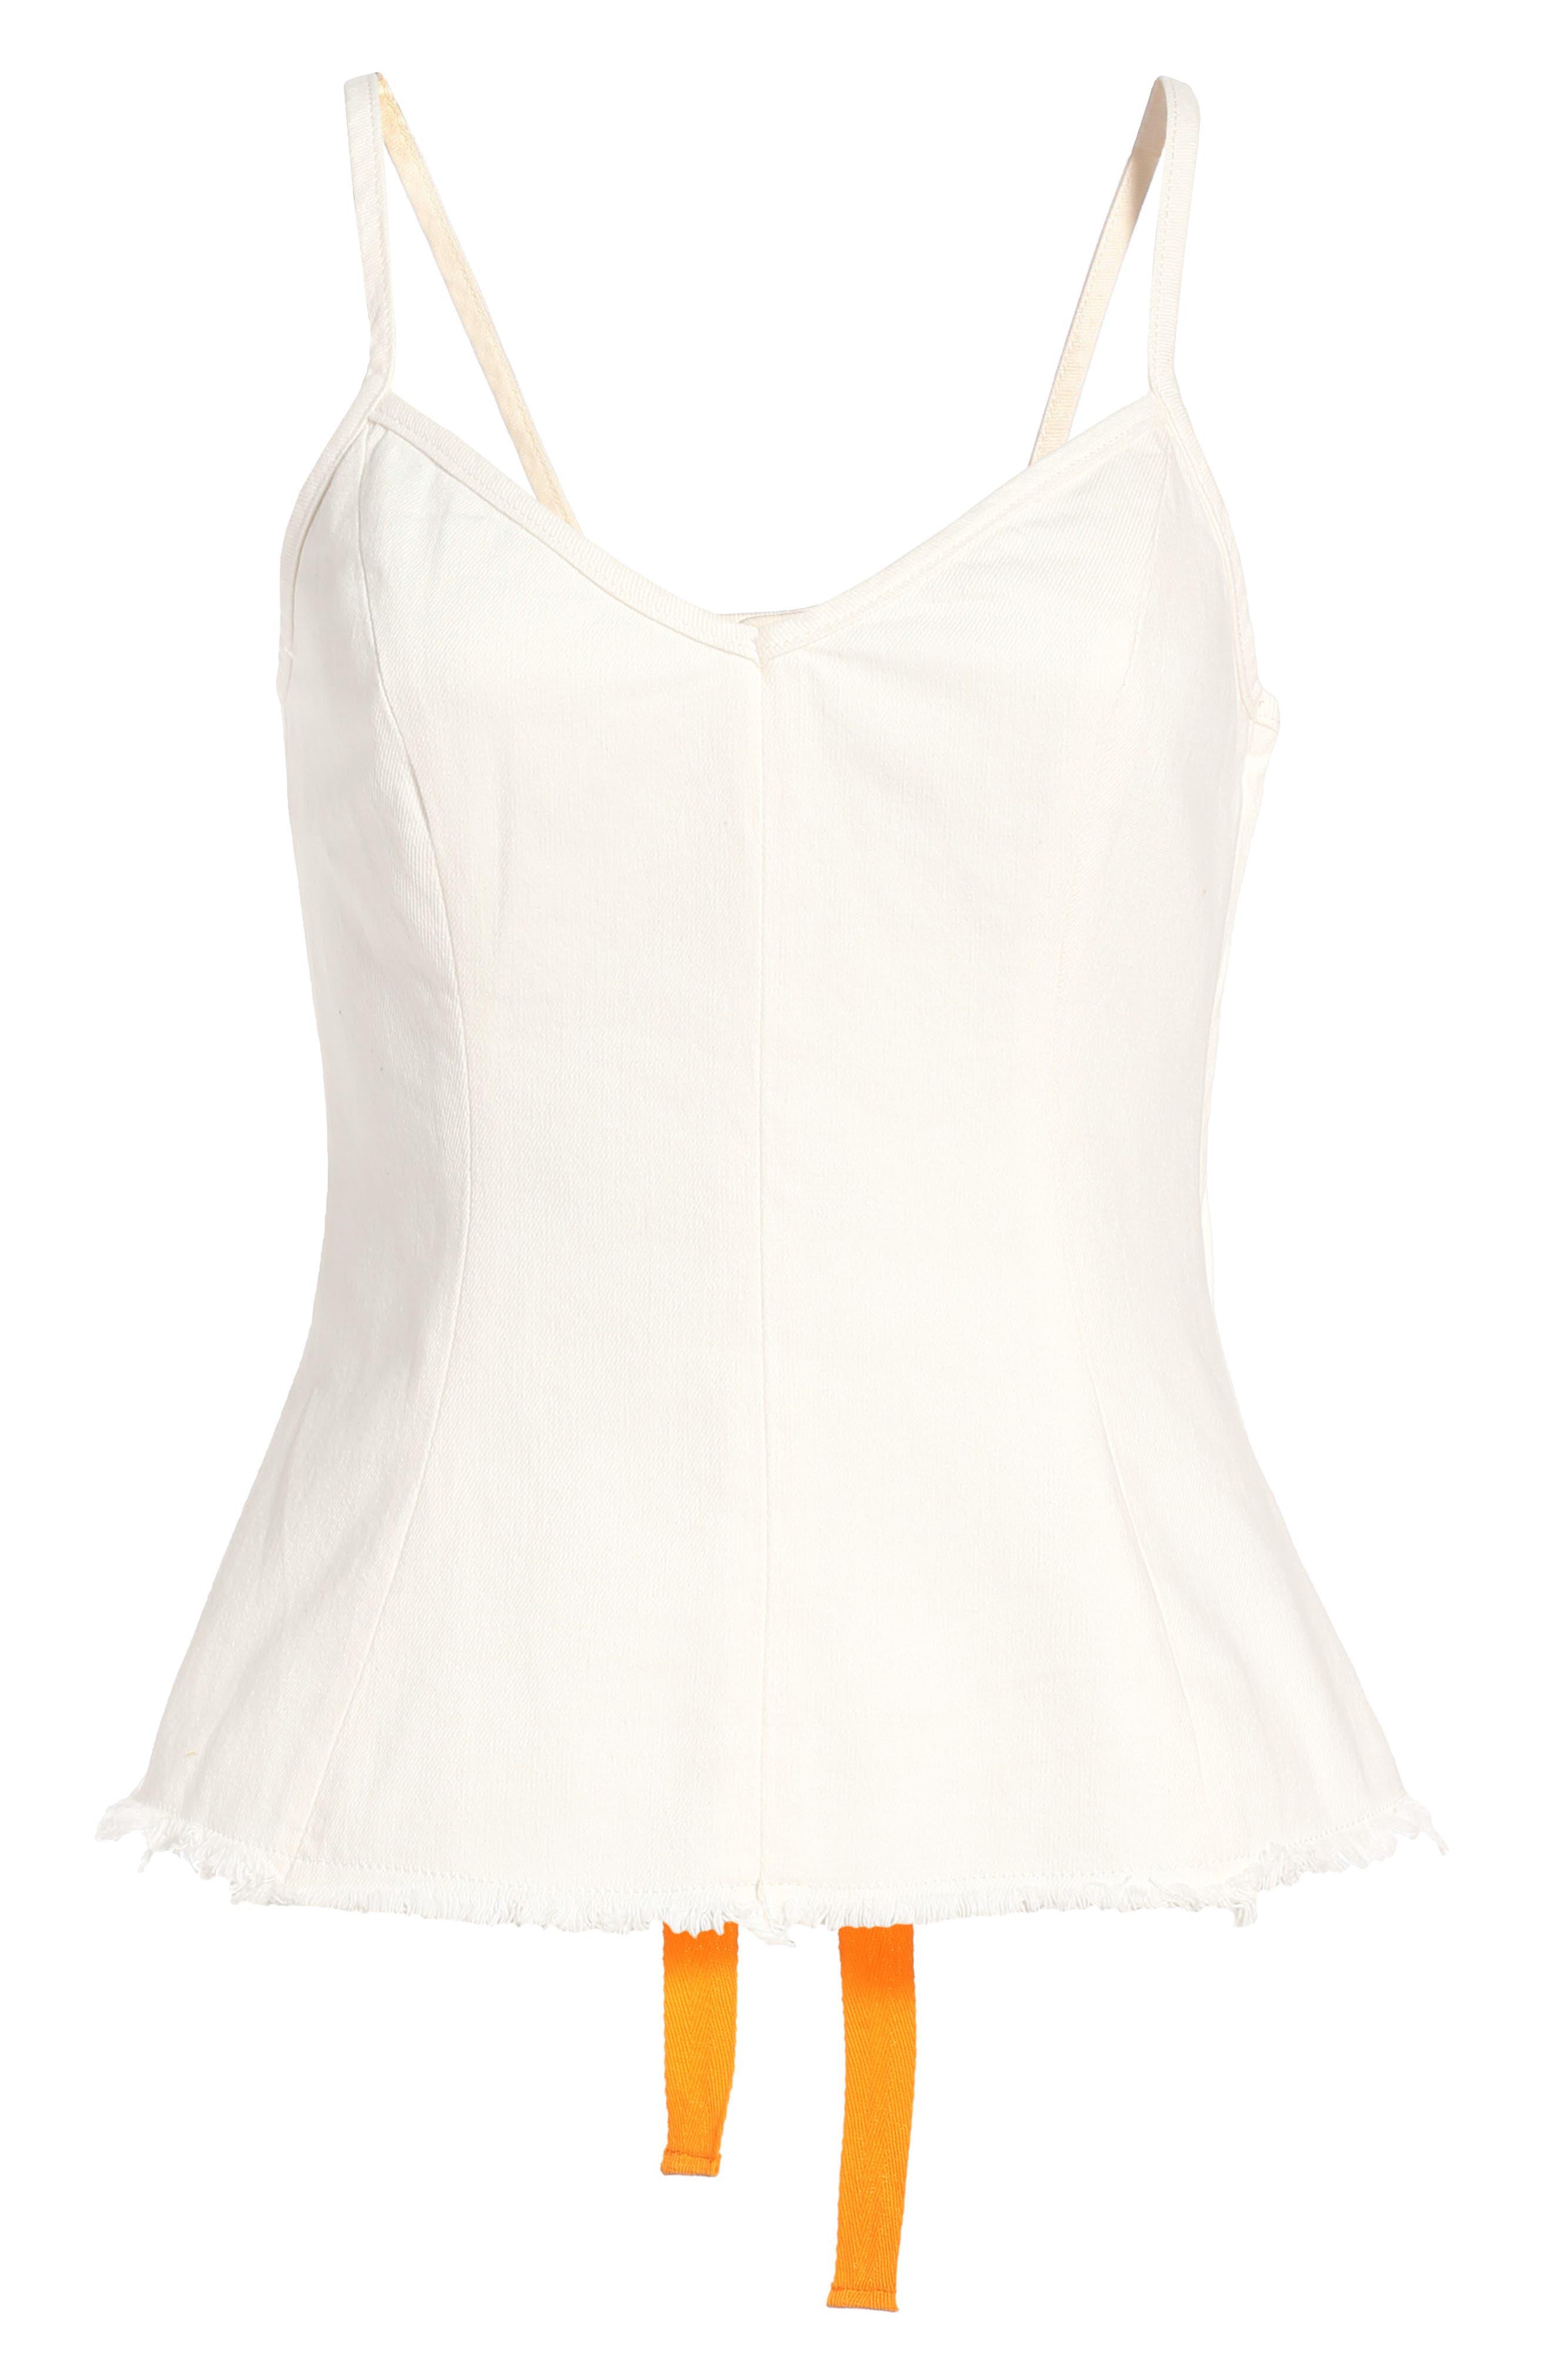 Topshop Boutique Lace-Up Back Denim Camisole